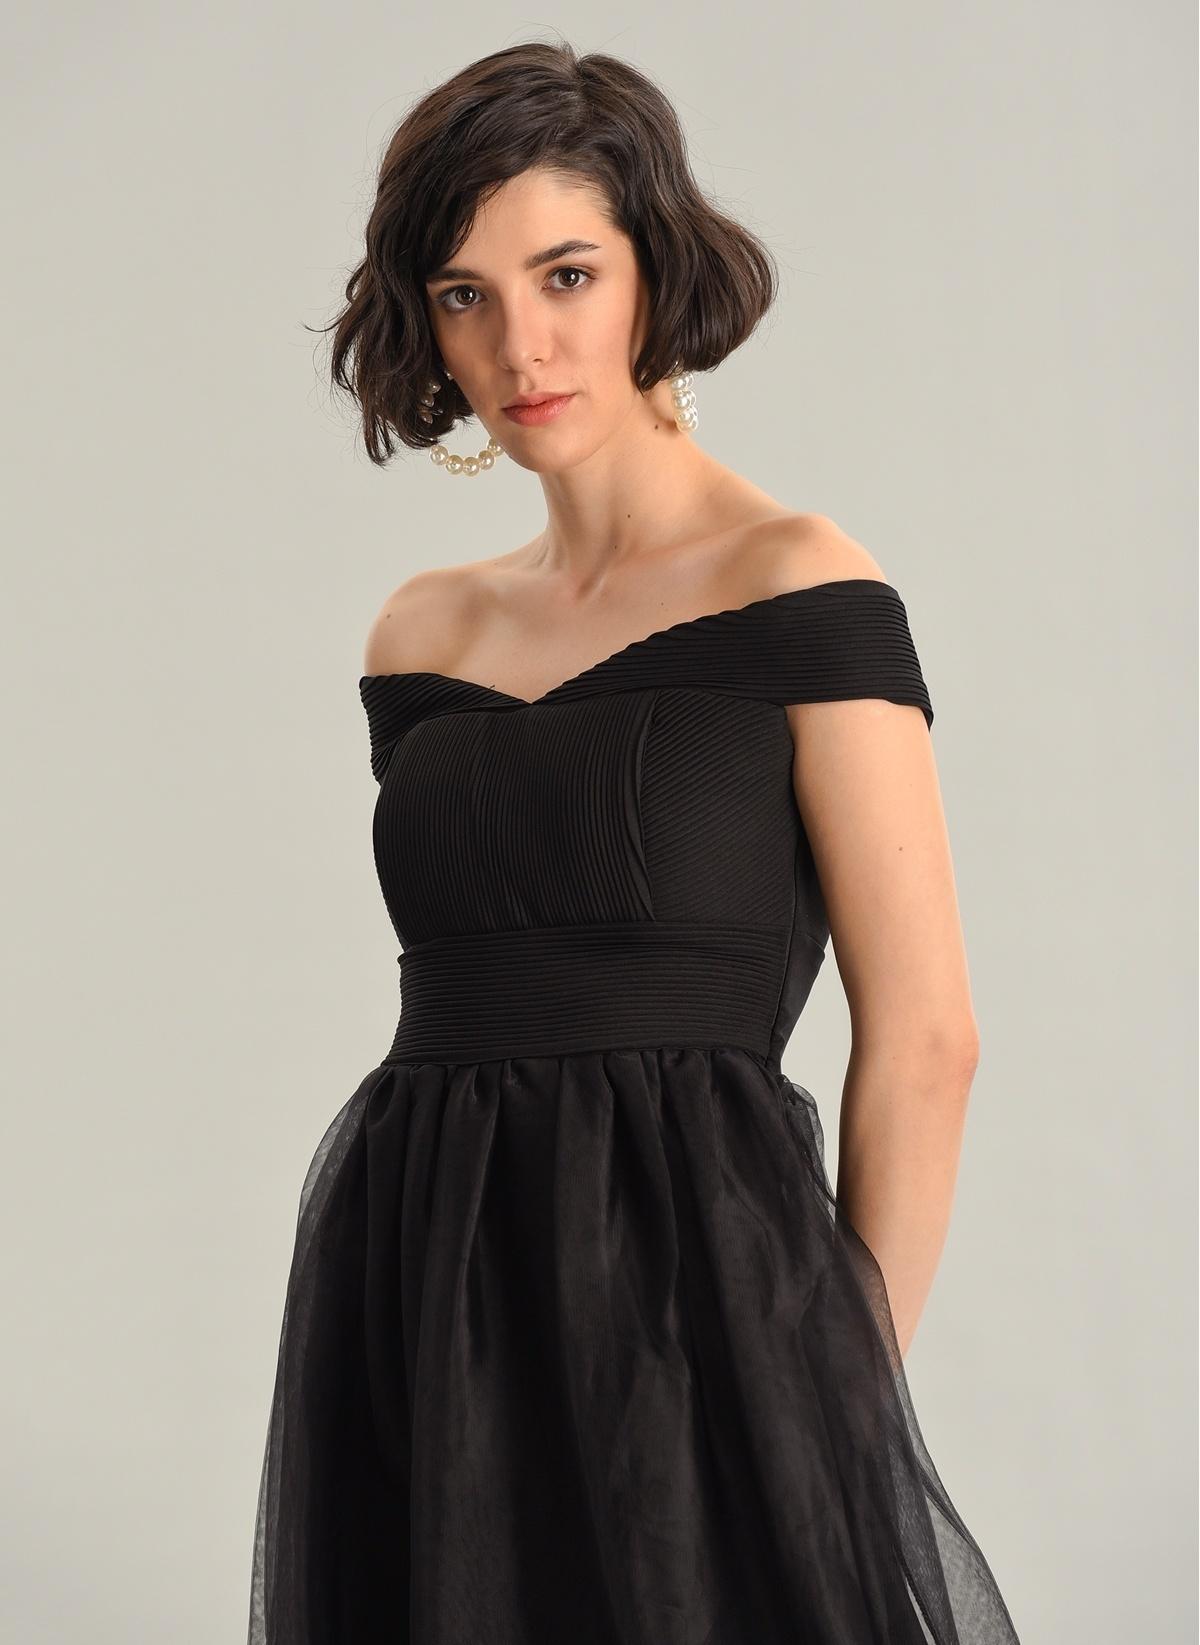 17b3929e3cf65 Agenda Kadın Kayıkyaka Uzun Tül Elbise Siyah İndirimli Fiyat ...